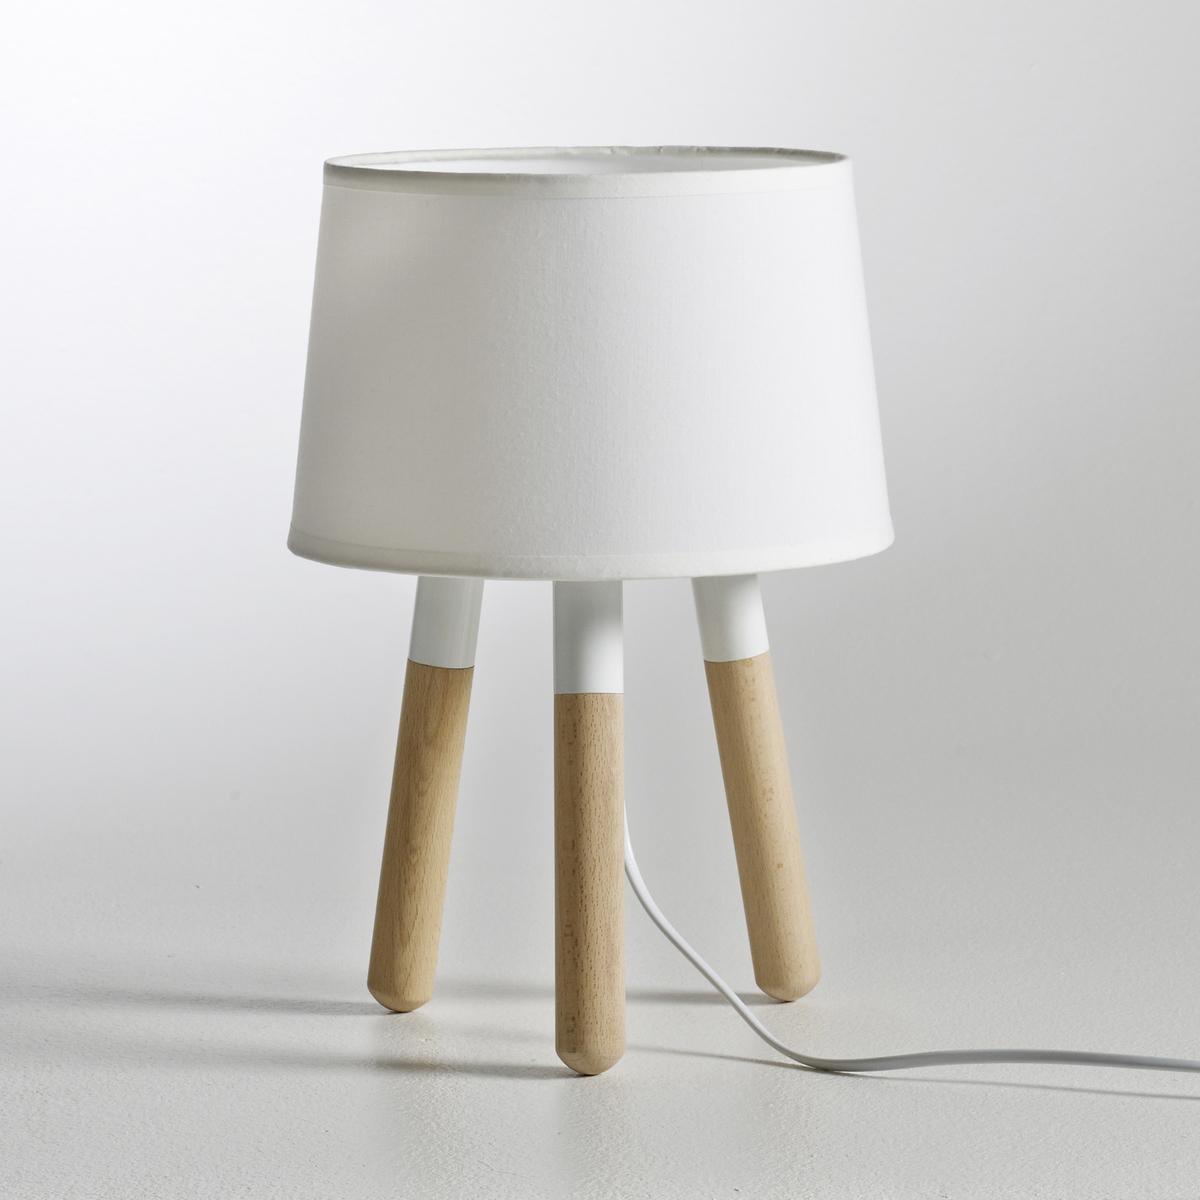 Лампа EloriЛампа, Elori. Современный дизайн, смело меняющий устоявшиеся правила декора. Описание лампы Elori :Патрон E14 для лампочки макс. 40W (не входит в комплект) Этот светильник совместим с лампочками    энергетического класса    : A, B, C, D, E.Характеристики лампы Elori:Каркас из дерева (сосна), с лаковым покрытием .Абажур из белой ткани Всю коллекцию светильников вы можете найти на сайте laredoute.ru.Размеры лампы Elori:Основание :Длина : 22 смВысота : 32 смГлубина : 22 смАбажур:Высота : 14 смДиаметр: 22 см<br><br>Цвет: белый